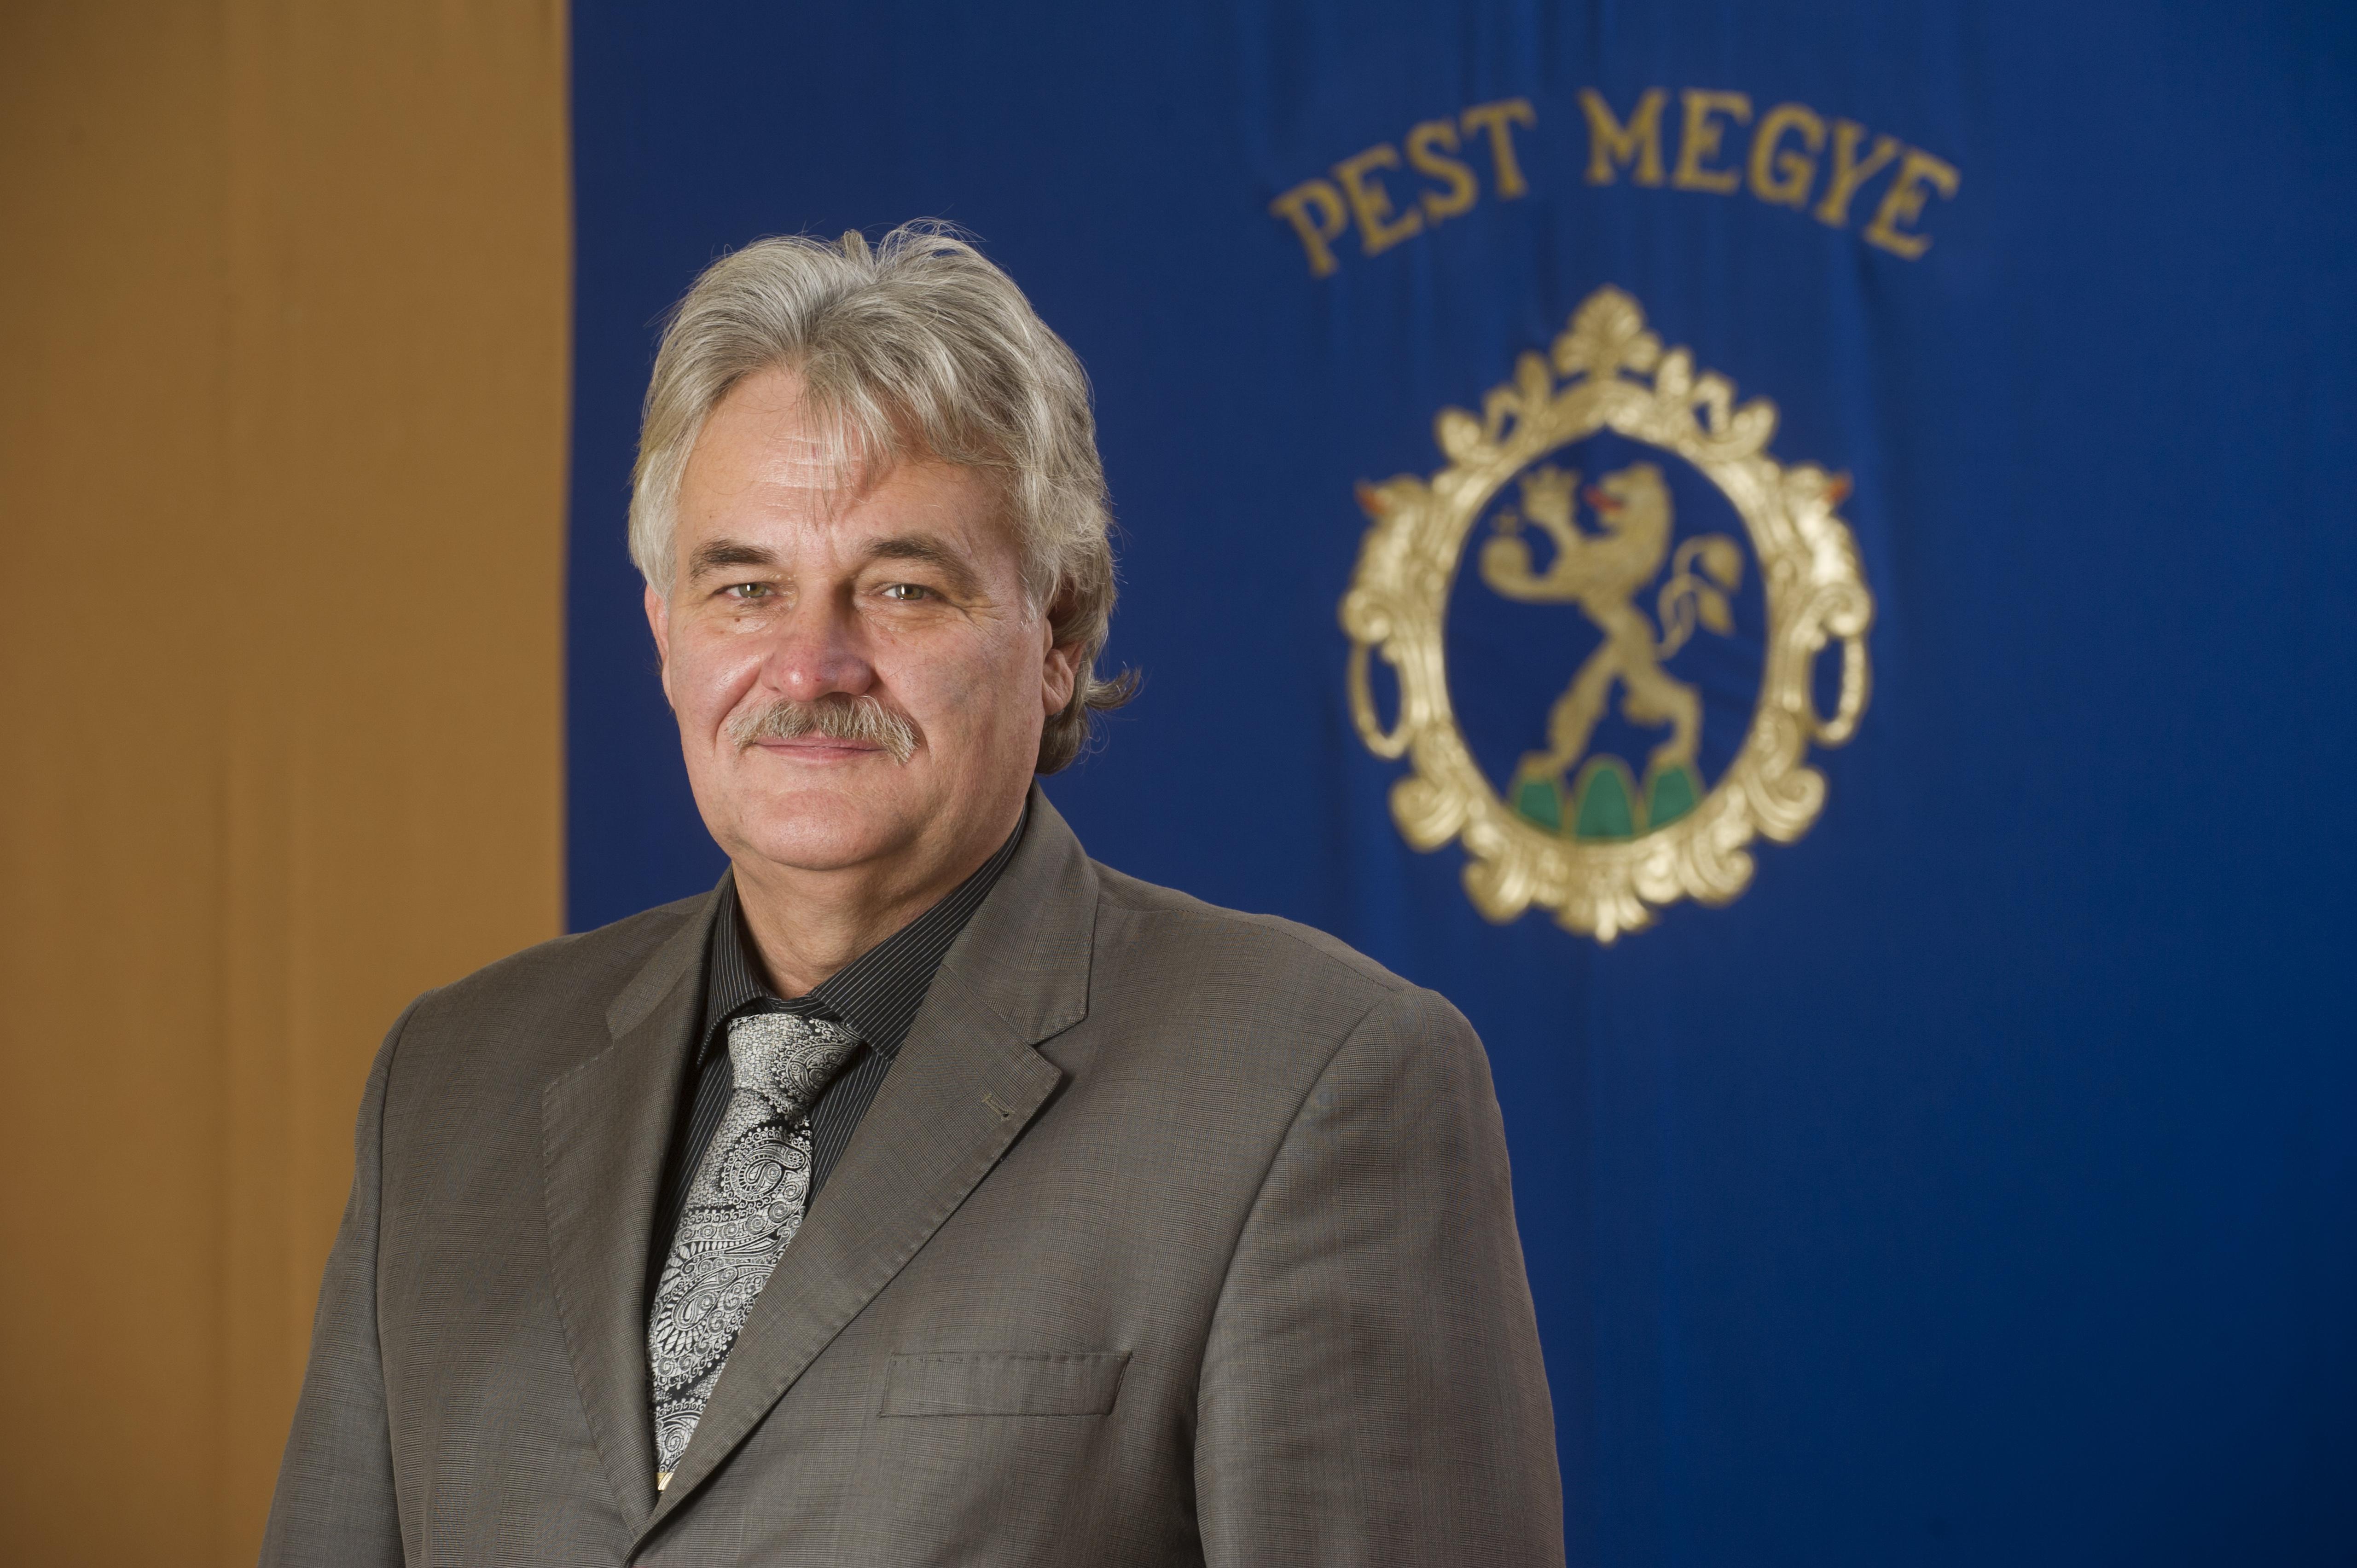 Szabó István, Pest Megye Önkormányzat elnöke